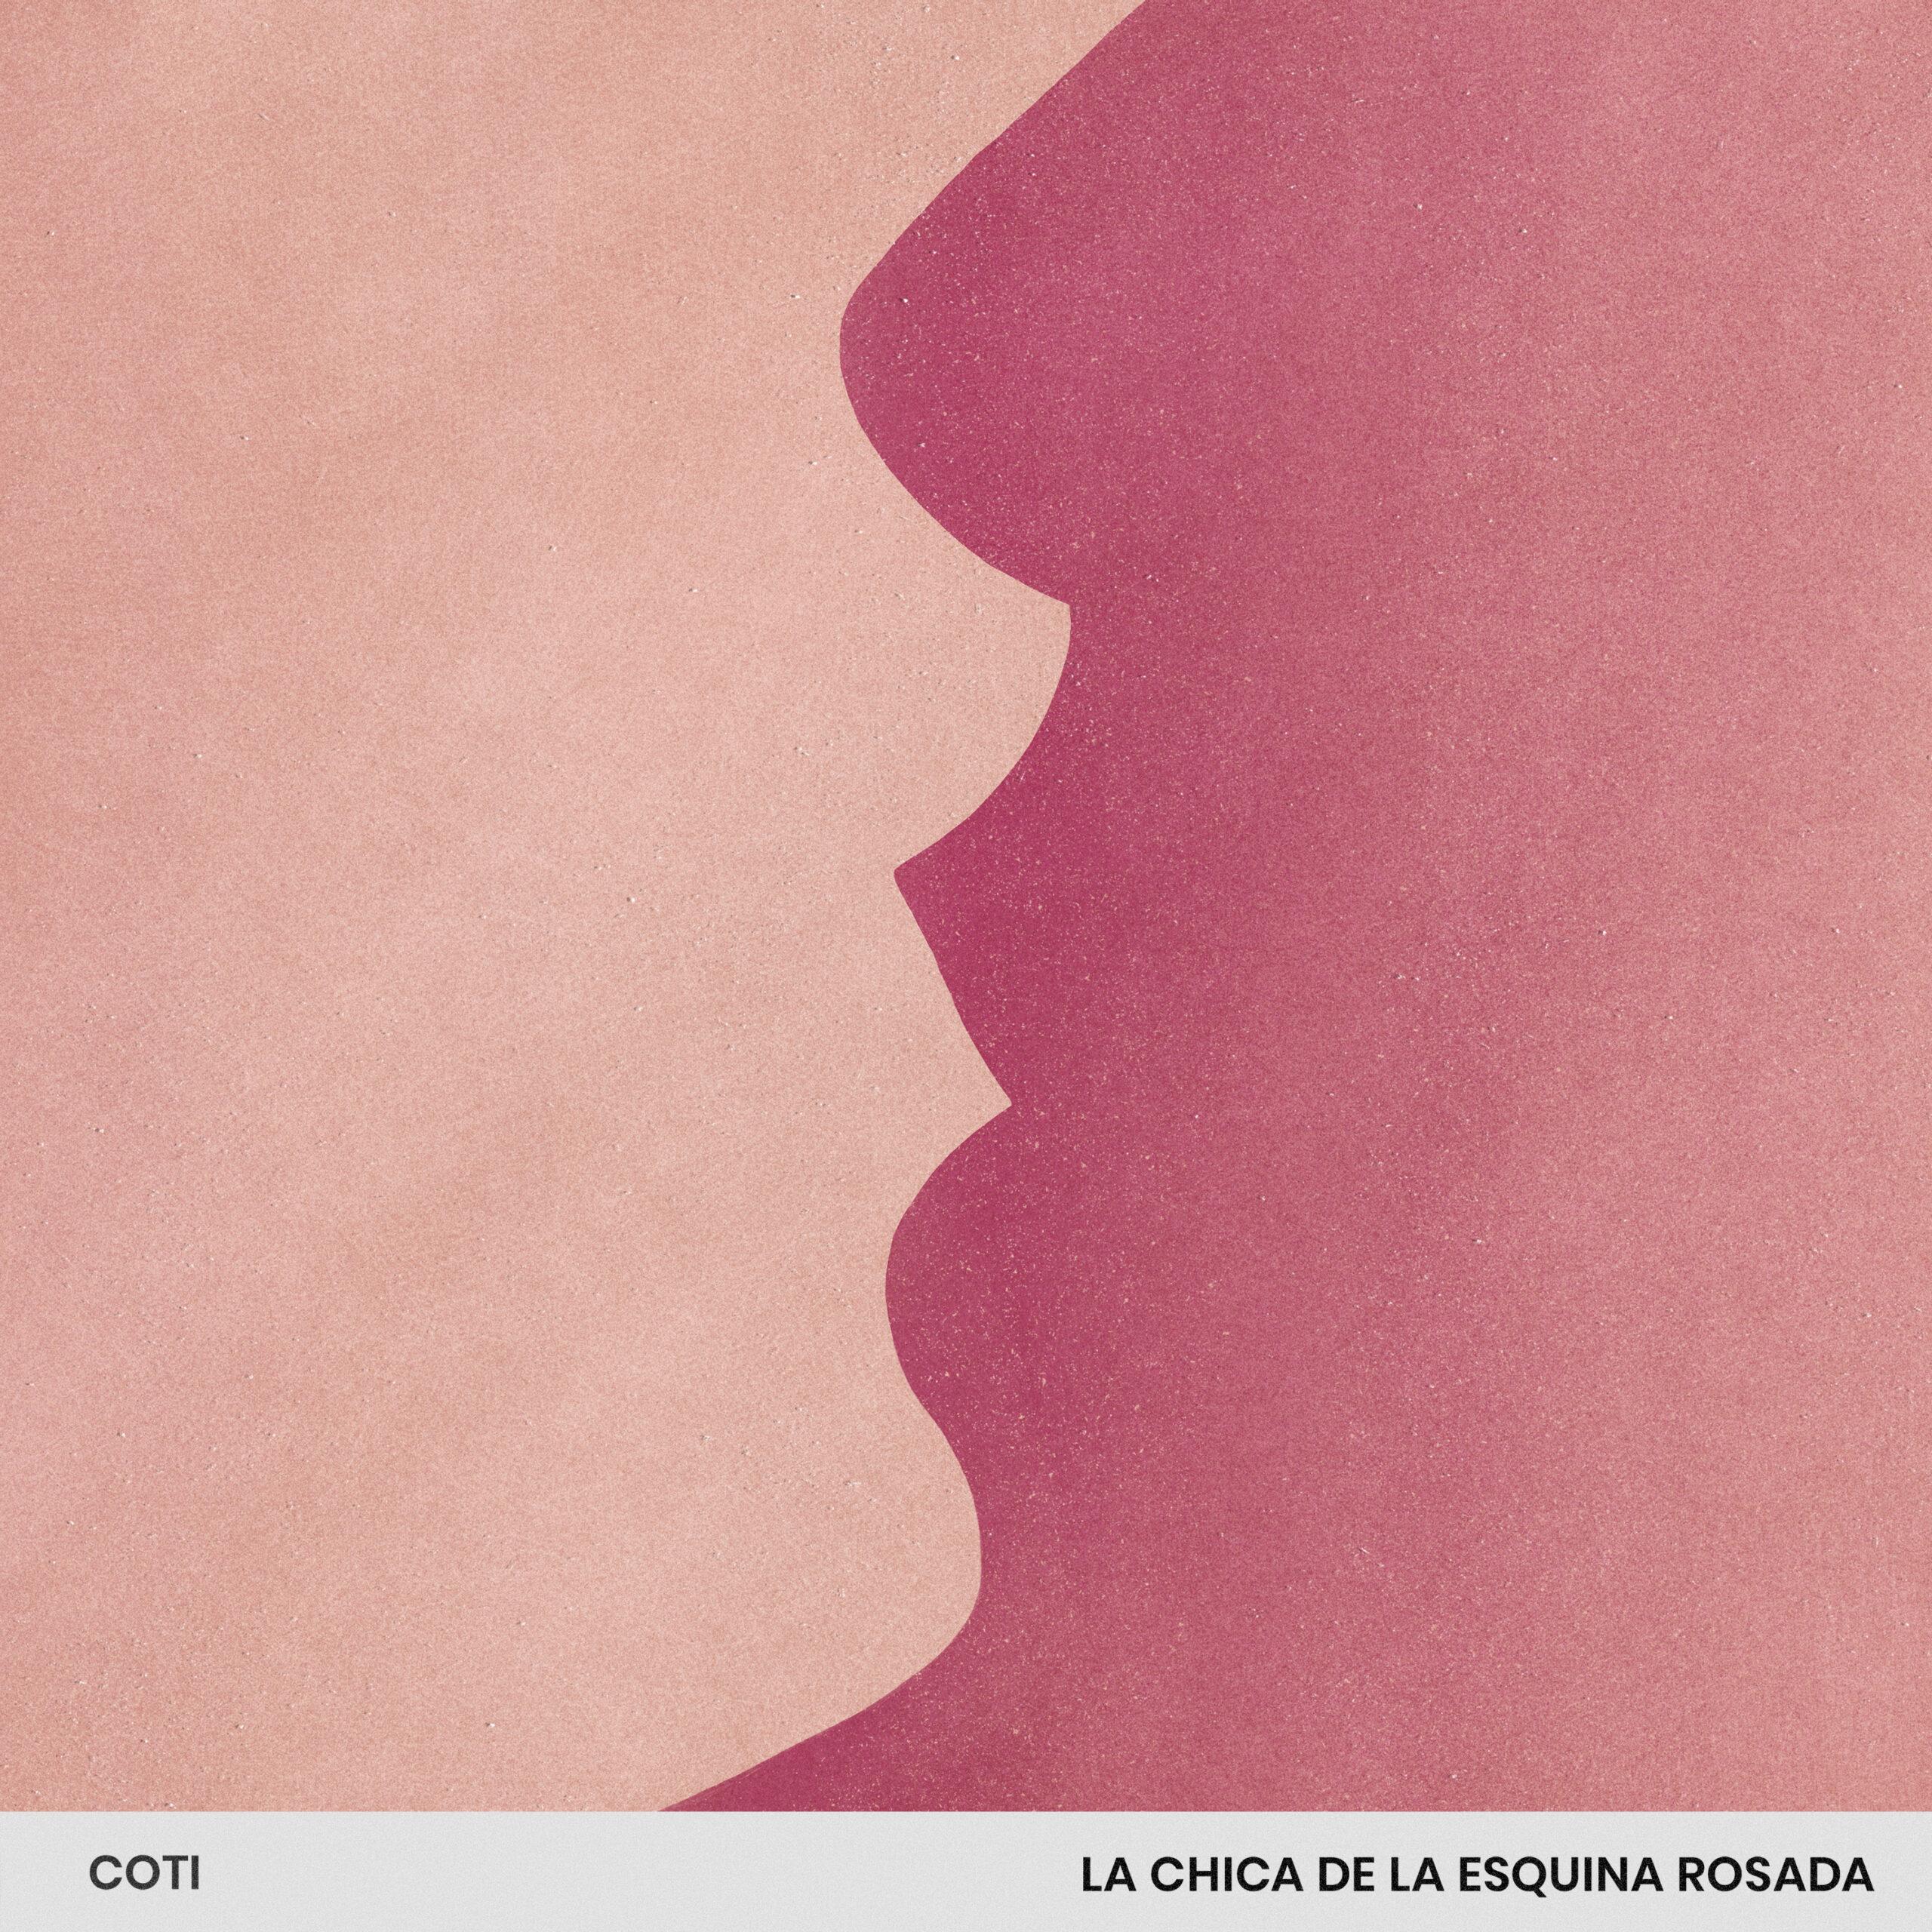 PORTADA - La Chica de la Esquina Rosada - Coti - OYR